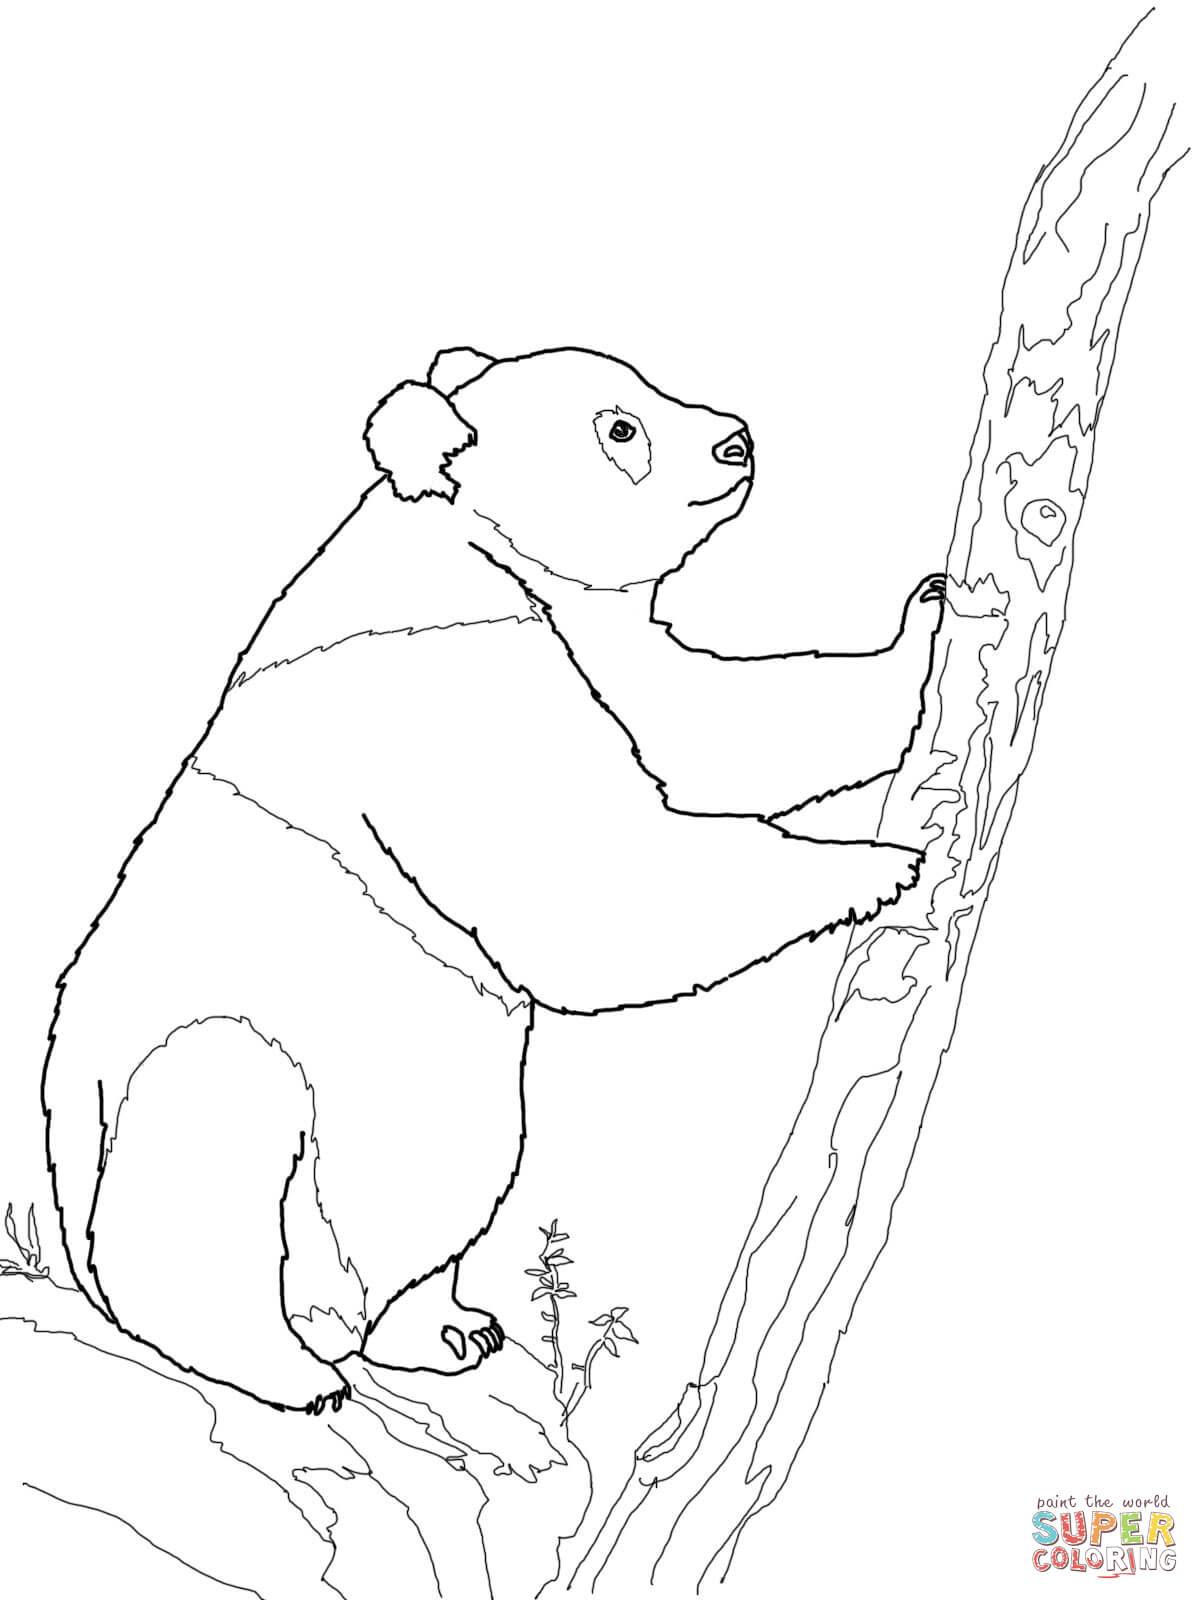 Dibujo De Oso Panda Gigante Para Colorear Dibujos Para Colorear